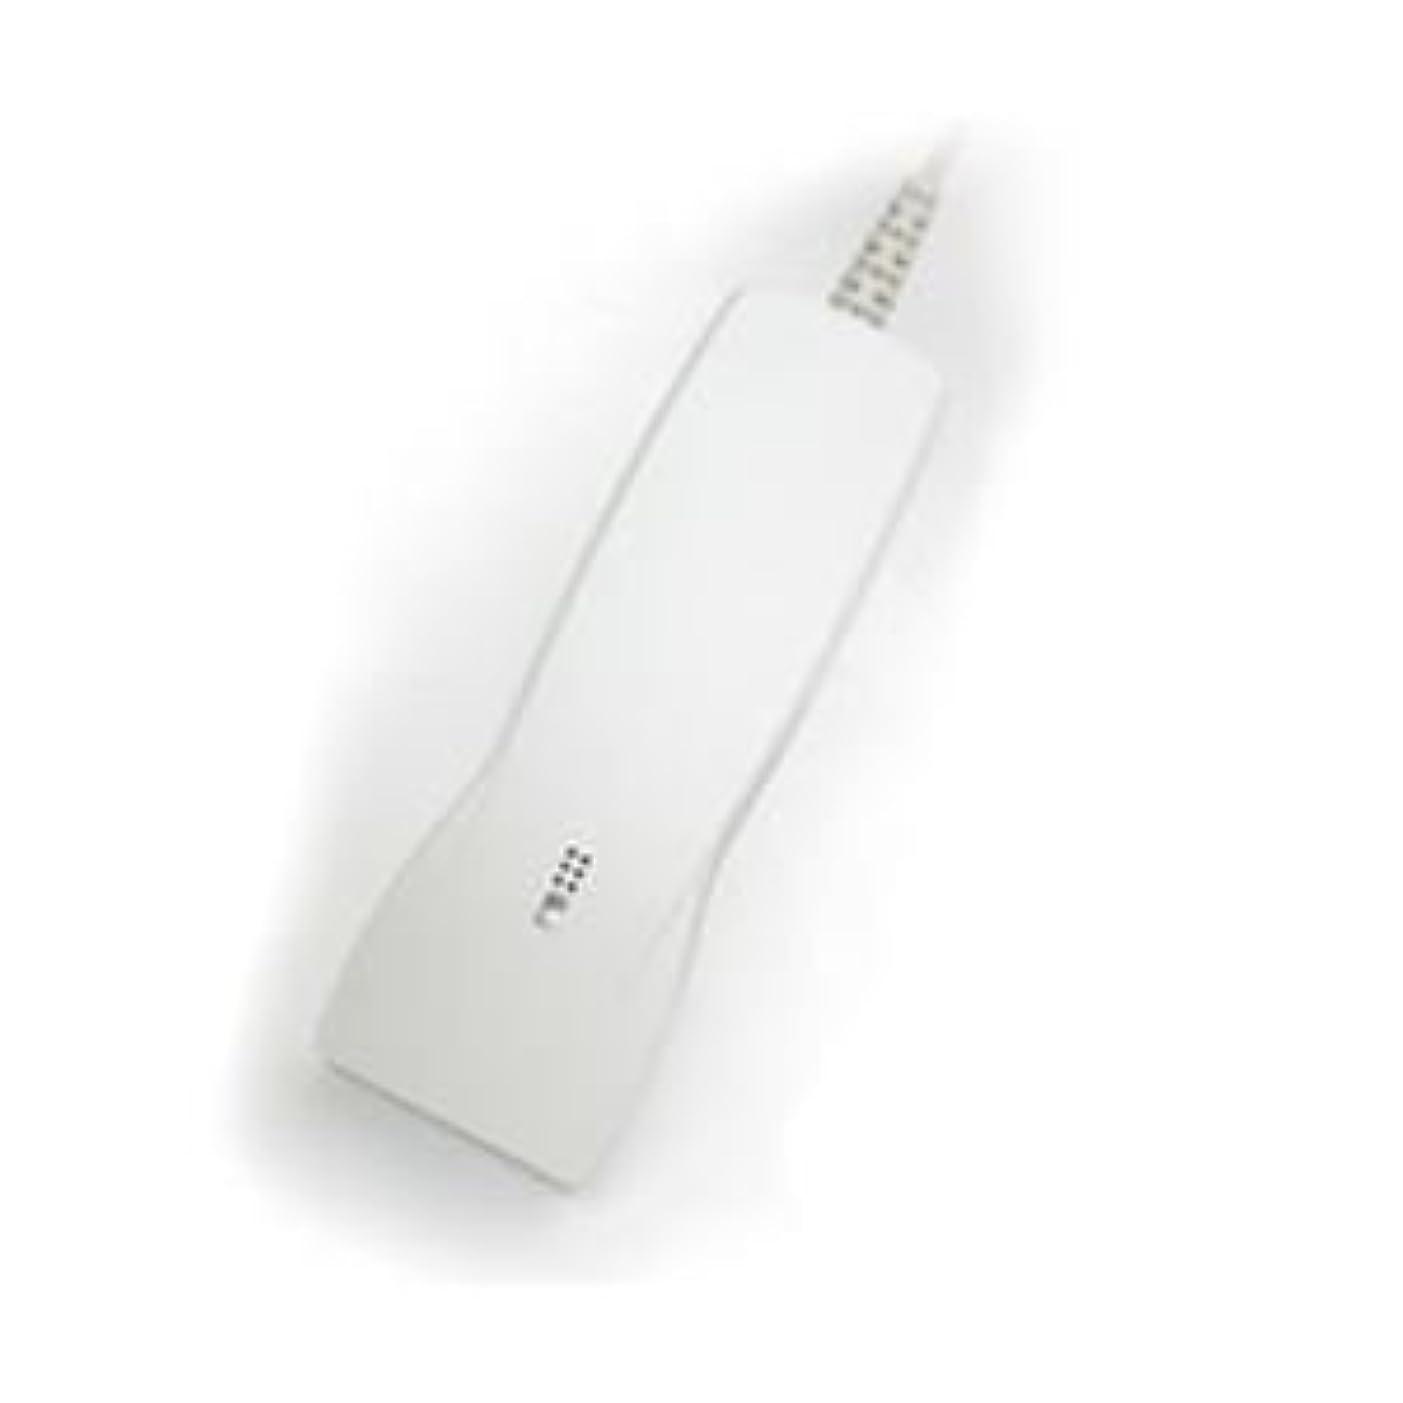 マキシム幹豊富ウェルコムデザイン OPL-6845-USB タッチ読取対応バーコードレーザスキャナ USB I/F